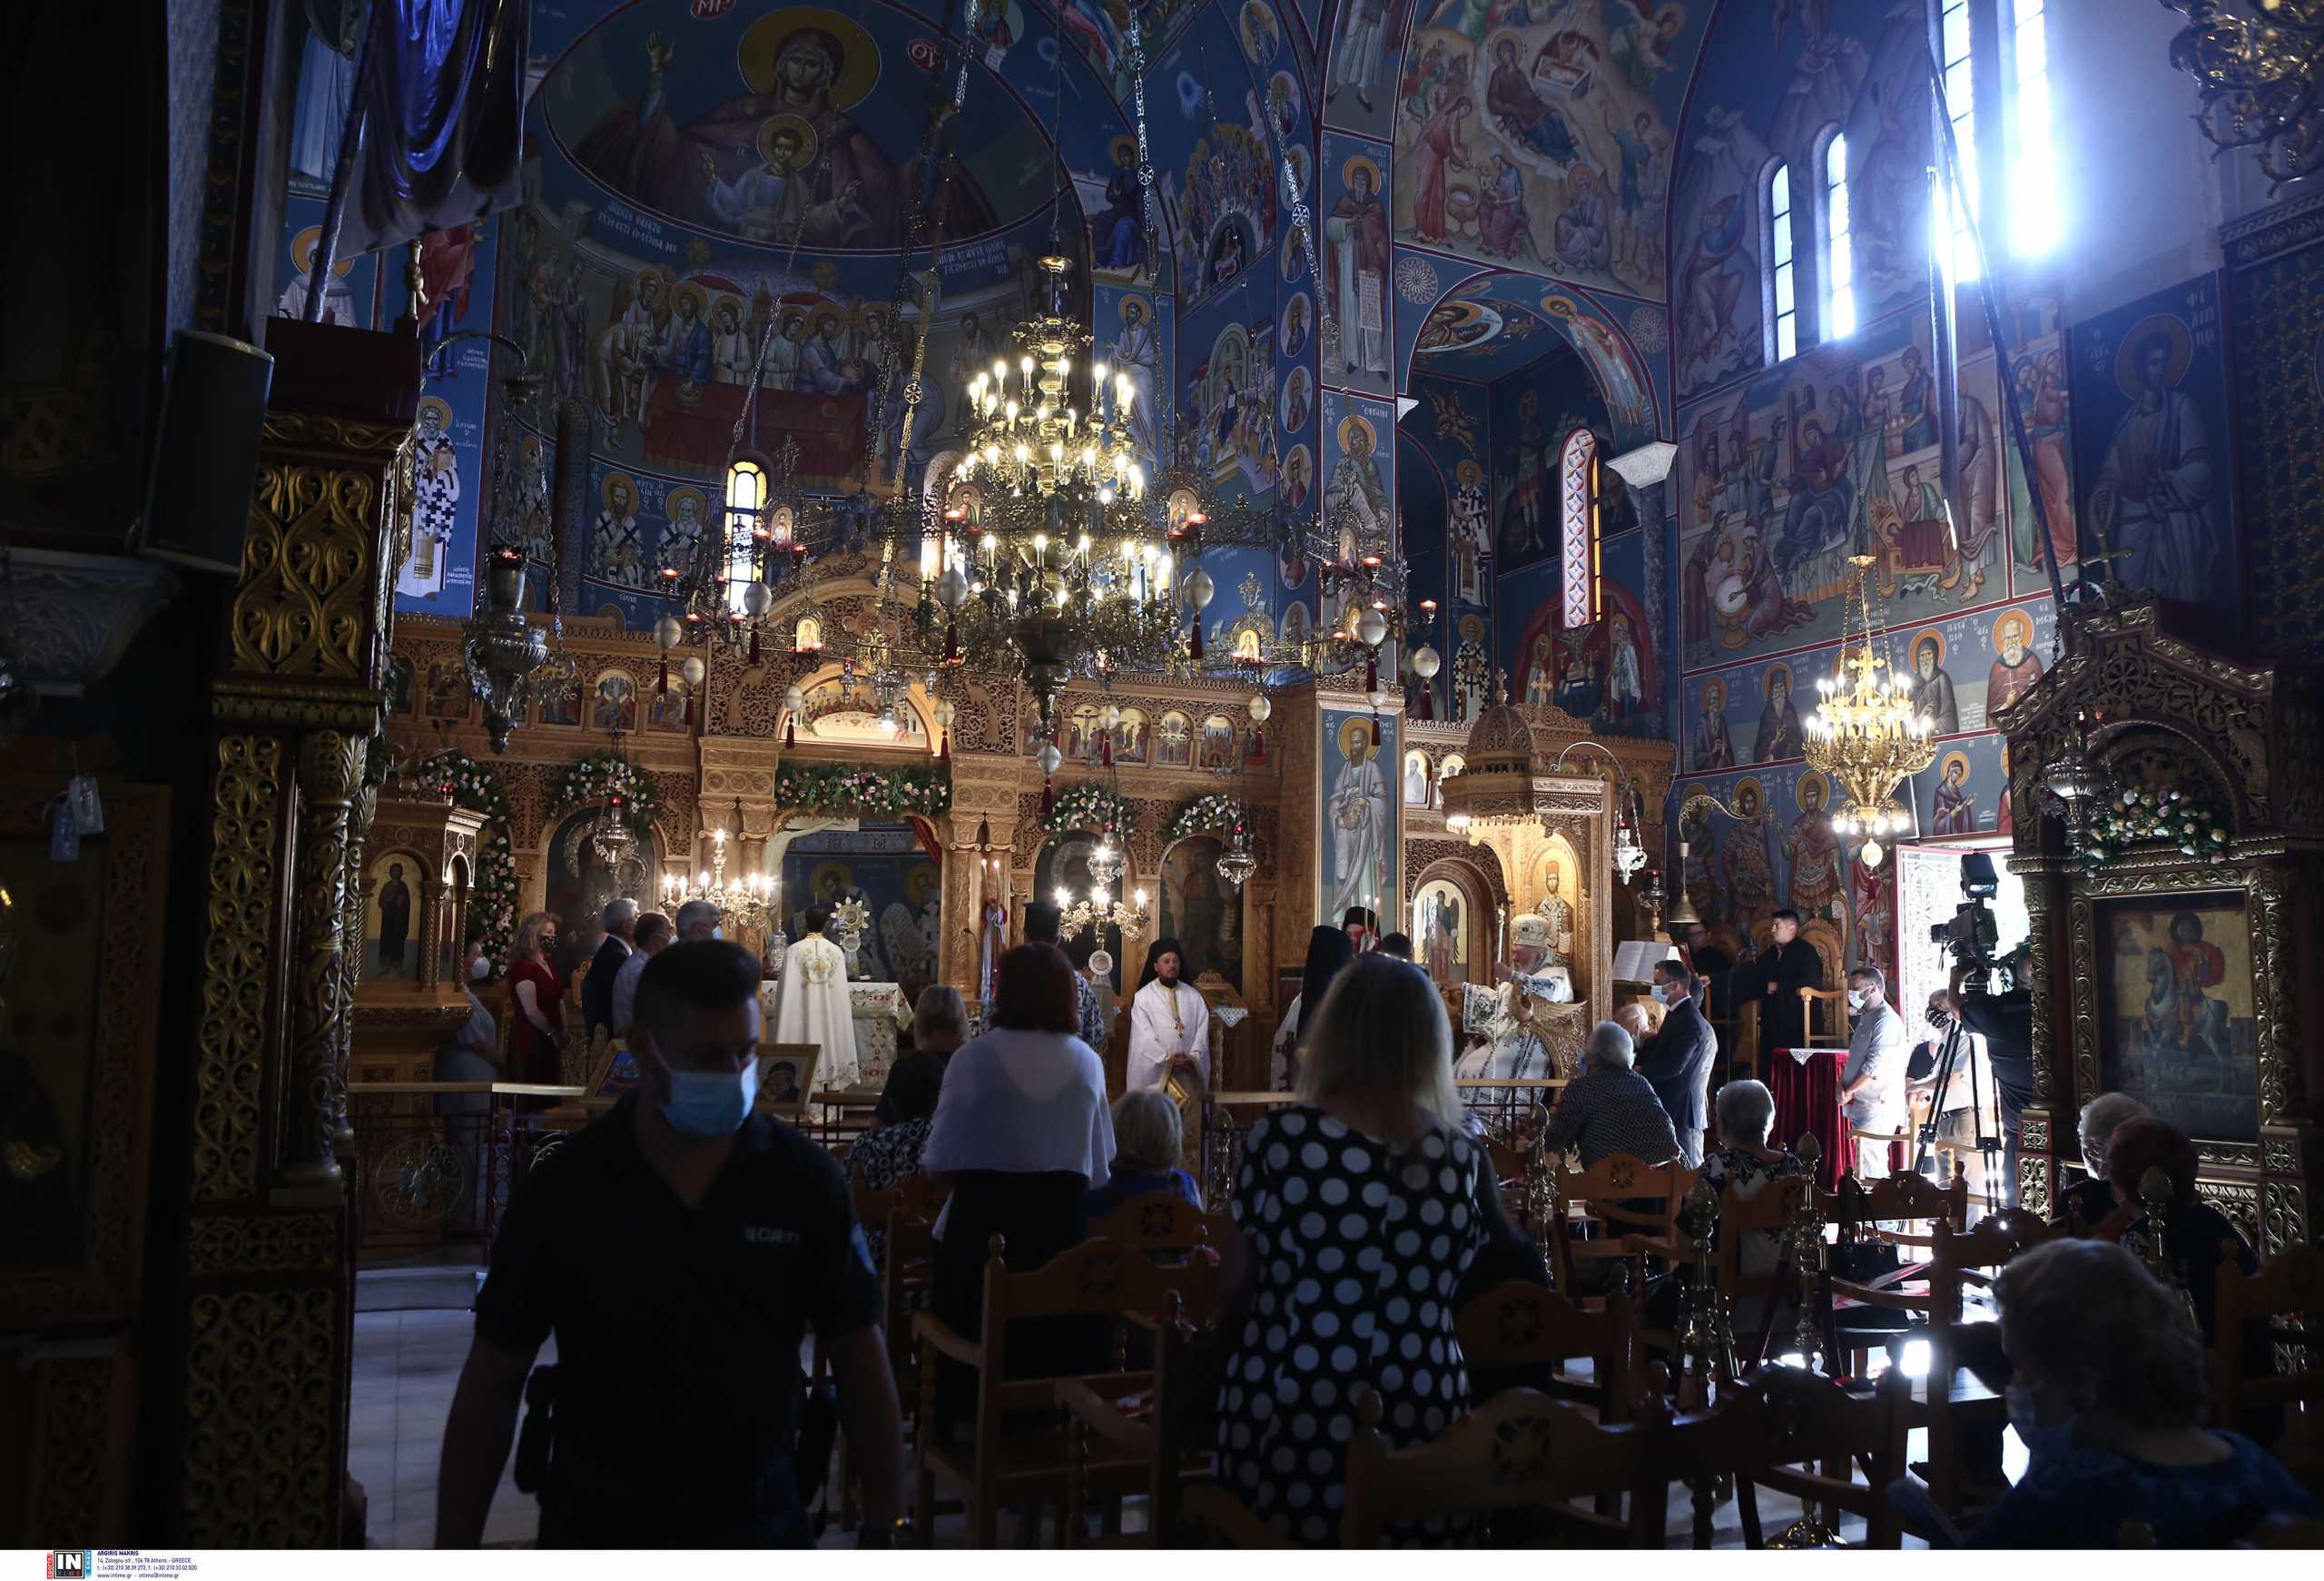 Εορτολόγιο: Ποιοι γιορτάζουν σήμερα 14 Σεπτεμβρίου – Η Ύψωση του Τιμίου Σταυρού